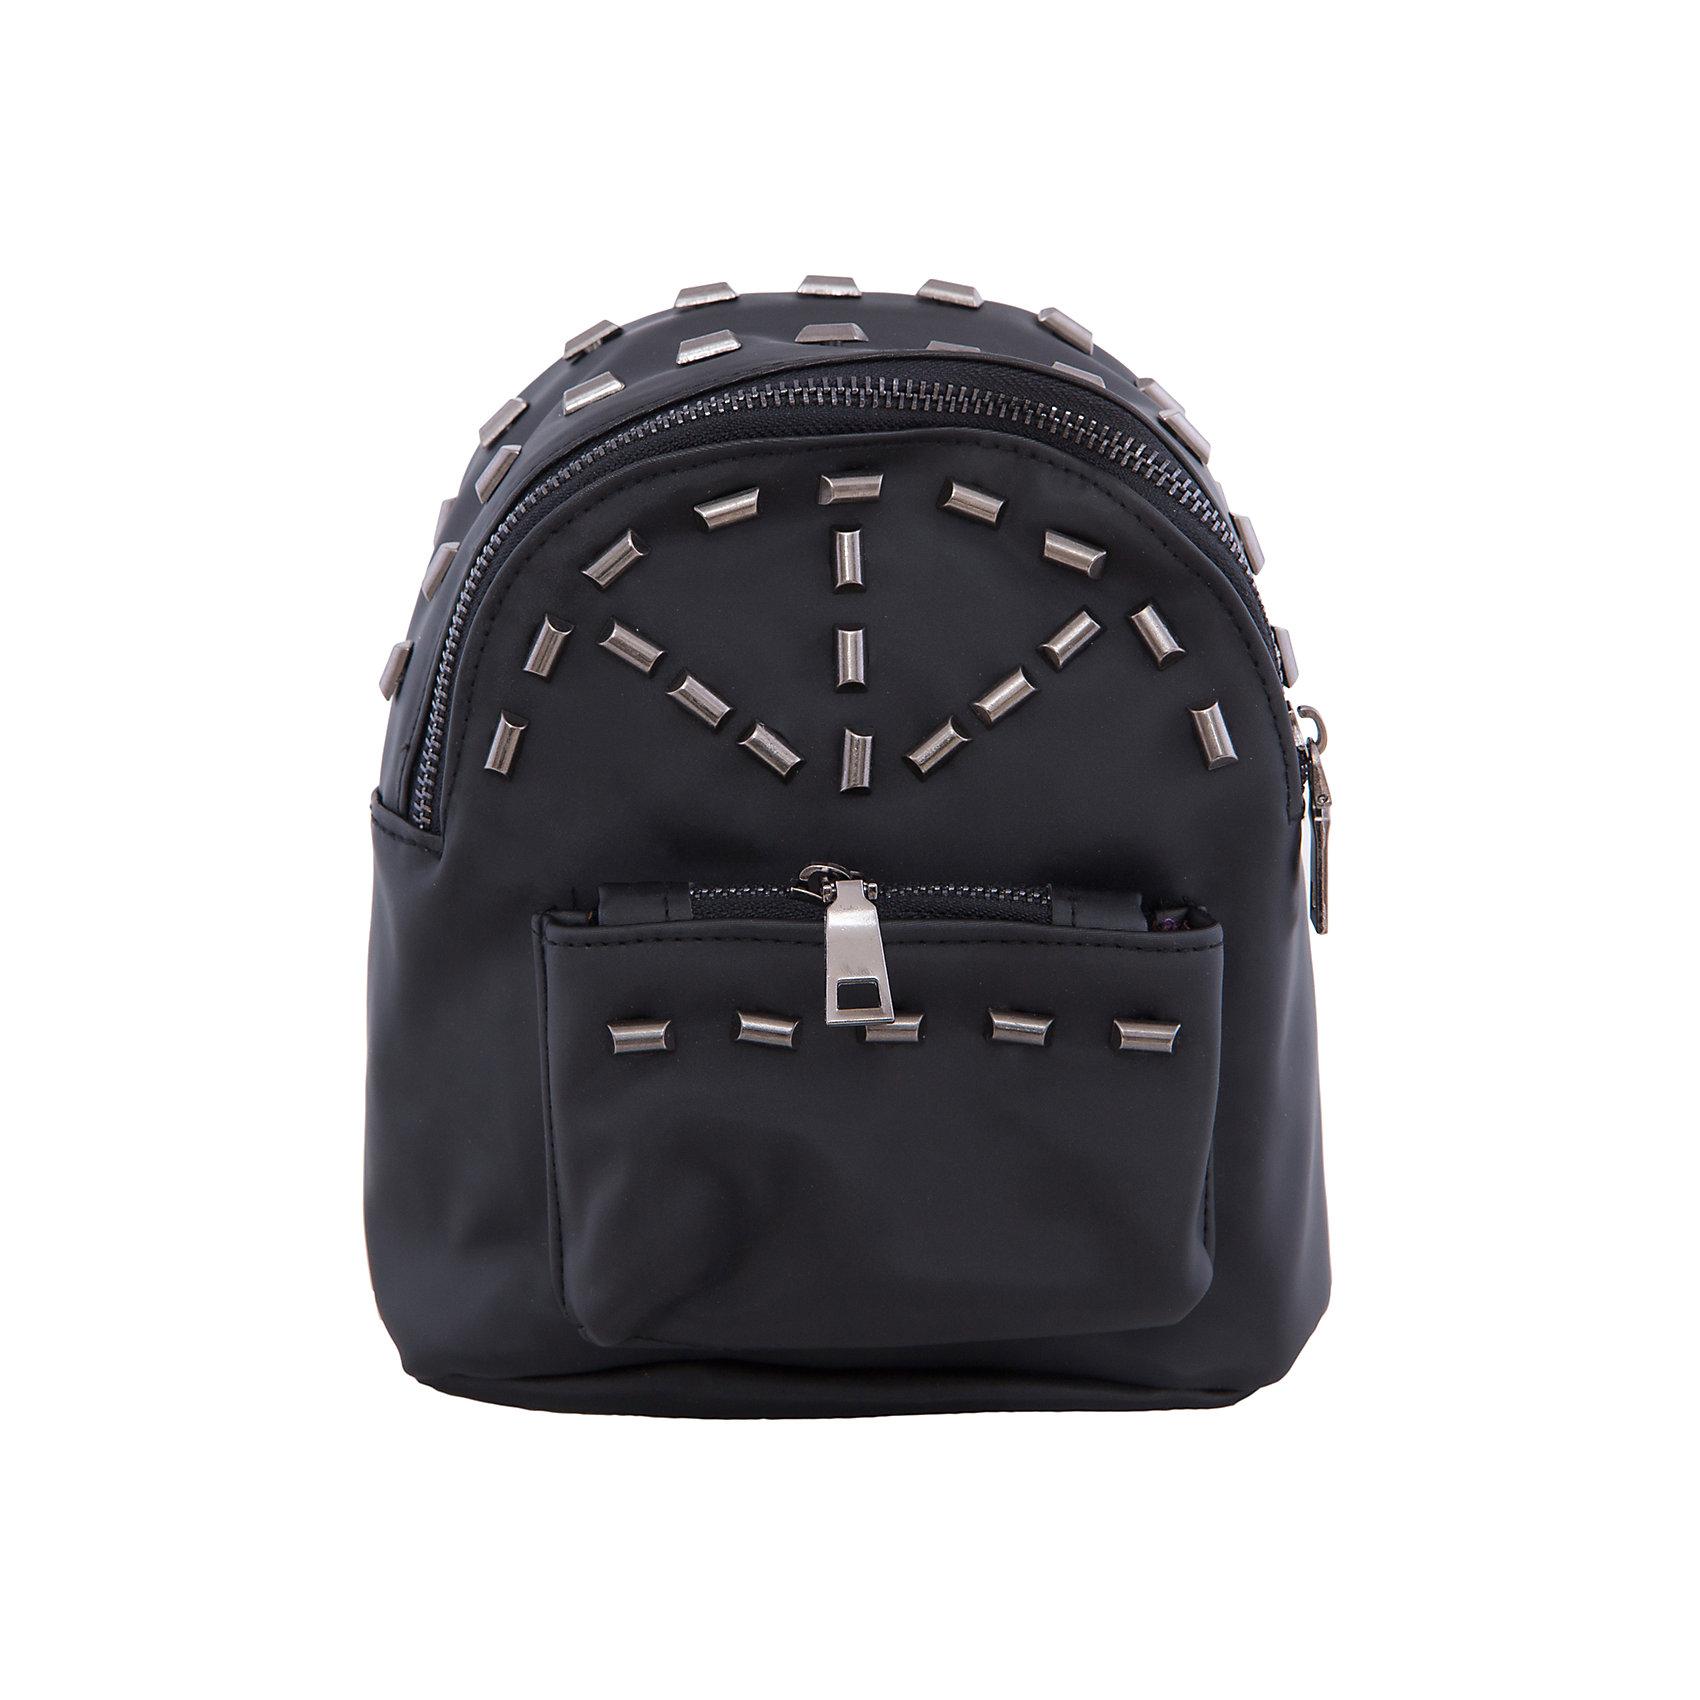 Рюкзак VITACCIРюкзаки<br>Характеристики:<br><br>• Тип сумки: рюкзак<br>• Пол: универсальный<br>• Цвет: черный<br>• Сезон: круглый год<br>• Тематика рисунка: абстракция<br>• Тип застежки: молния<br>• Декоративные элементы: металлические клепки<br>• Лямки регулируются по длине<br>• Одно отделение с дополнительными кармашками<br>• Предусмотрена ручка-петля<br>• Спереди имеется объемный карман на молнии<br>• Материал: верх – искусственная кожа, подклад – текстиль <br>• Габариты: ширина днища – 17 см, высота – 21 см, глубина – 10 см<br>• Вес: 900 г<br>• Особенности ухода: влажная чистка, сухая чистка<br><br>Рюкзак VITACCI от лидера российско-итальянского предприятия, которое специализируется на выпуске высококачественной обуви и аксессуаров как для взрослых, так и для детей. Детские сумки этого торгового бренда изготавливаются с учетом анатомических особенностей детей и имеют эргономичную форму. Форма и дизайн сумок разрабатывается итальянскими ведущими дизайнерами и отражает новейшие тенденции в мире моды. Особенность этого торгового бренда заключается в эксклюзивном сочетании материалов разных фактур и декорирование изделий стильными аксессуарами. <br><br>Рюкзак VITACCI изготовлен из экологически безопасной искусственной кожи. Имеет одно просторное отделение с маленькими кармашками: один с замочком на молнии, второй – для сотового телефона или смартфона. Спереди у рюкзака предусмотрен внешний карман-отделение на застежке молнии и двойные боковые карманы. Лямки регулируются по длине. Рюкзак выполнен в стильном черном цвете, декорирован металлическими клепками в форме цилиндров.<br>Рюкзак VITACCI – это стильный аксессуар, который создаст неповторимый образ вашего ребенка! <br><br>Рюкзак VITACCI можно купить в нашем интернет-магазине.<br><br>Ширина мм: 170<br>Глубина мм: 157<br>Высота мм: 67<br>Вес г: 117<br>Цвет: черный<br>Возраст от месяцев: 36<br>Возраст до месяцев: 144<br>Пол: Женский<br>Возраст: Детский<br>Размер: one size<br>SKU: 5347479